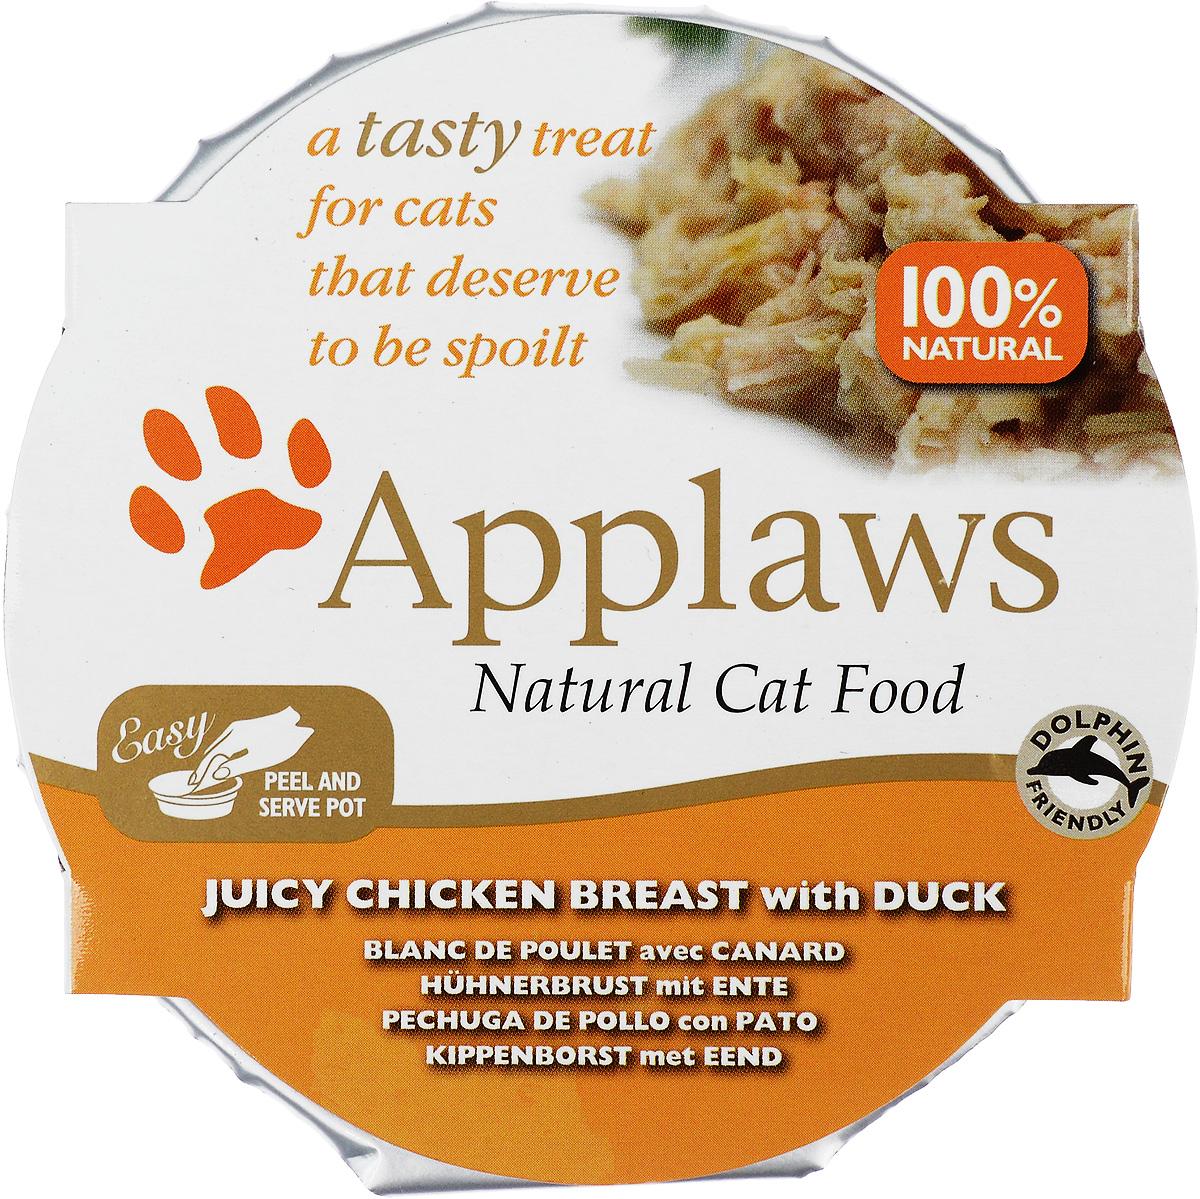 Консервы для кошек Applaws, с сочной куриной грудкой и уткой, 60 г24381Каждая баночка Applaws содержит порцию свежего мяса, приготовленного в собственном бульоне. Для приготовления любого типа консервов используется мясо животных свободного выгула, выращенных на фермах Англии. Уникальный дизайн упаковки прекрасно заменяет миску для вашего любимца. Консервы Applaws приготовлены только из свежих и качественные ингредиентов. Не содержат красителей, усилителей вкуса и запаха, продуктов ГМО. Состав: филе куриной грудки 55%, куриный бульон 35%, филе утки 5%, рис 5%. Гарантированный анализ: белки 11%, клетчатка 0,5%, жиры 1%, зола 0,5%, влага 85%. Товар сертифицирован.